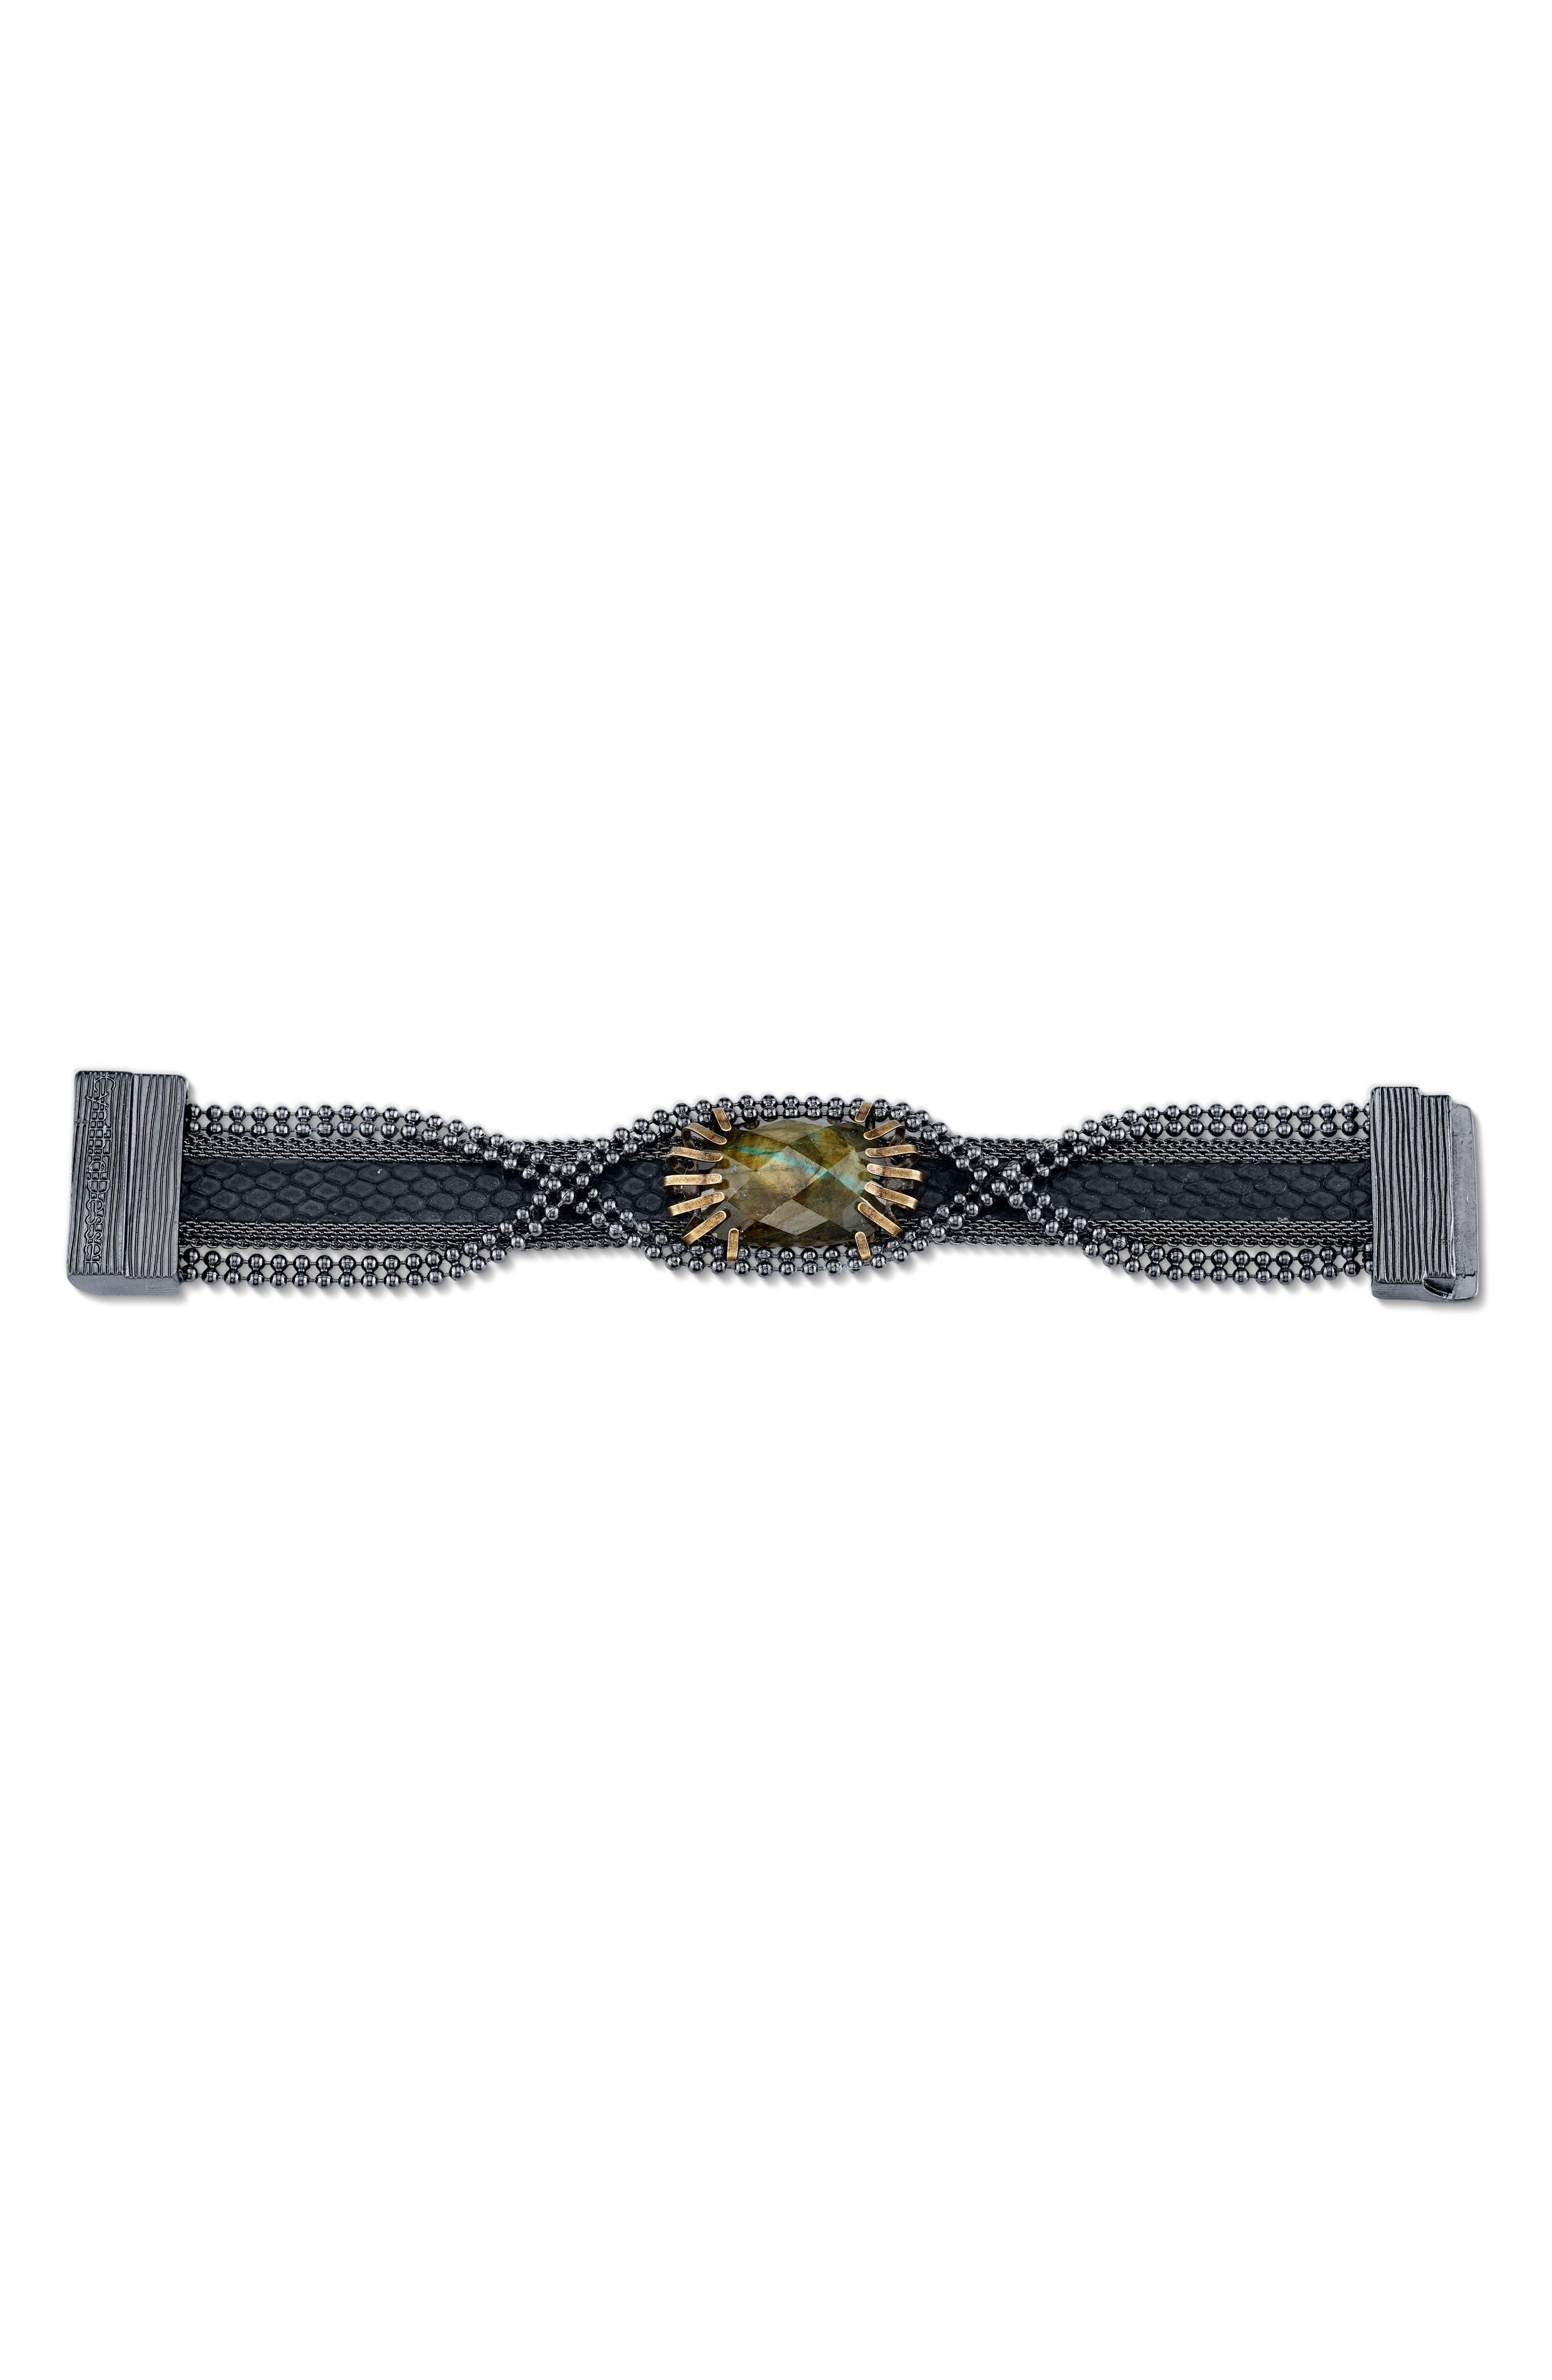 Stone & Snakeskin Bracelet,                             Alternate thumbnail 2, color,                             Black/ Bronze/ Gunmetal